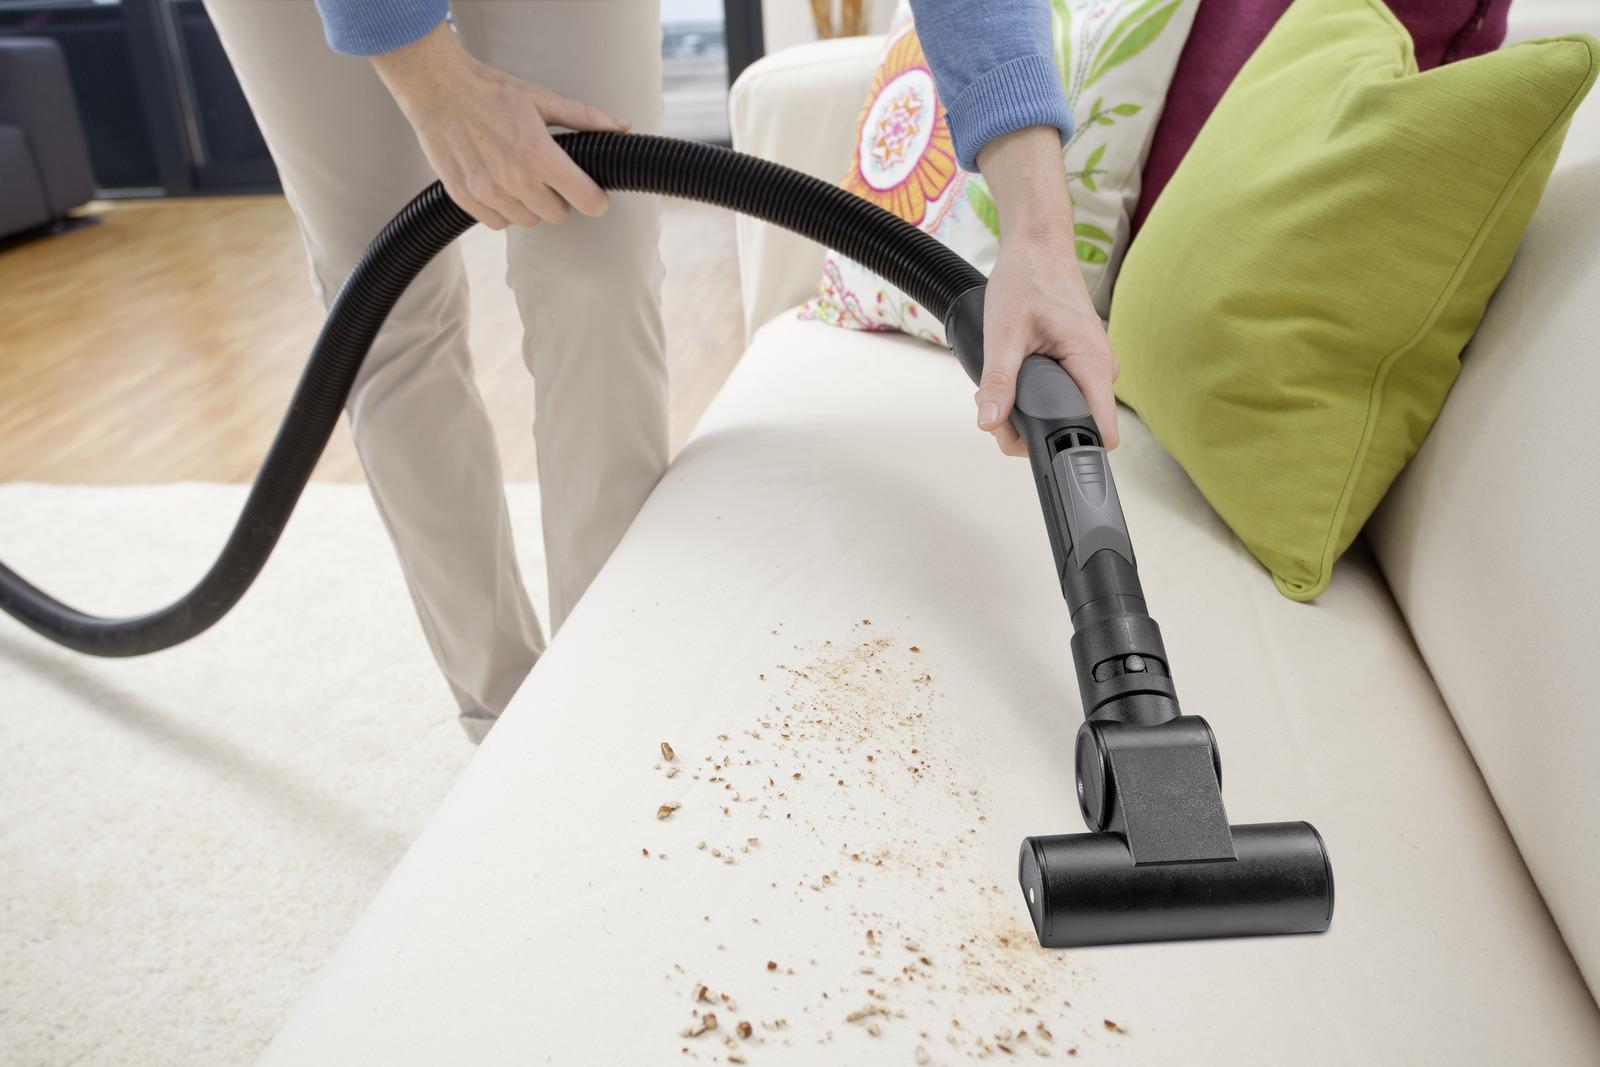 пылесосят перед использованием ваниш